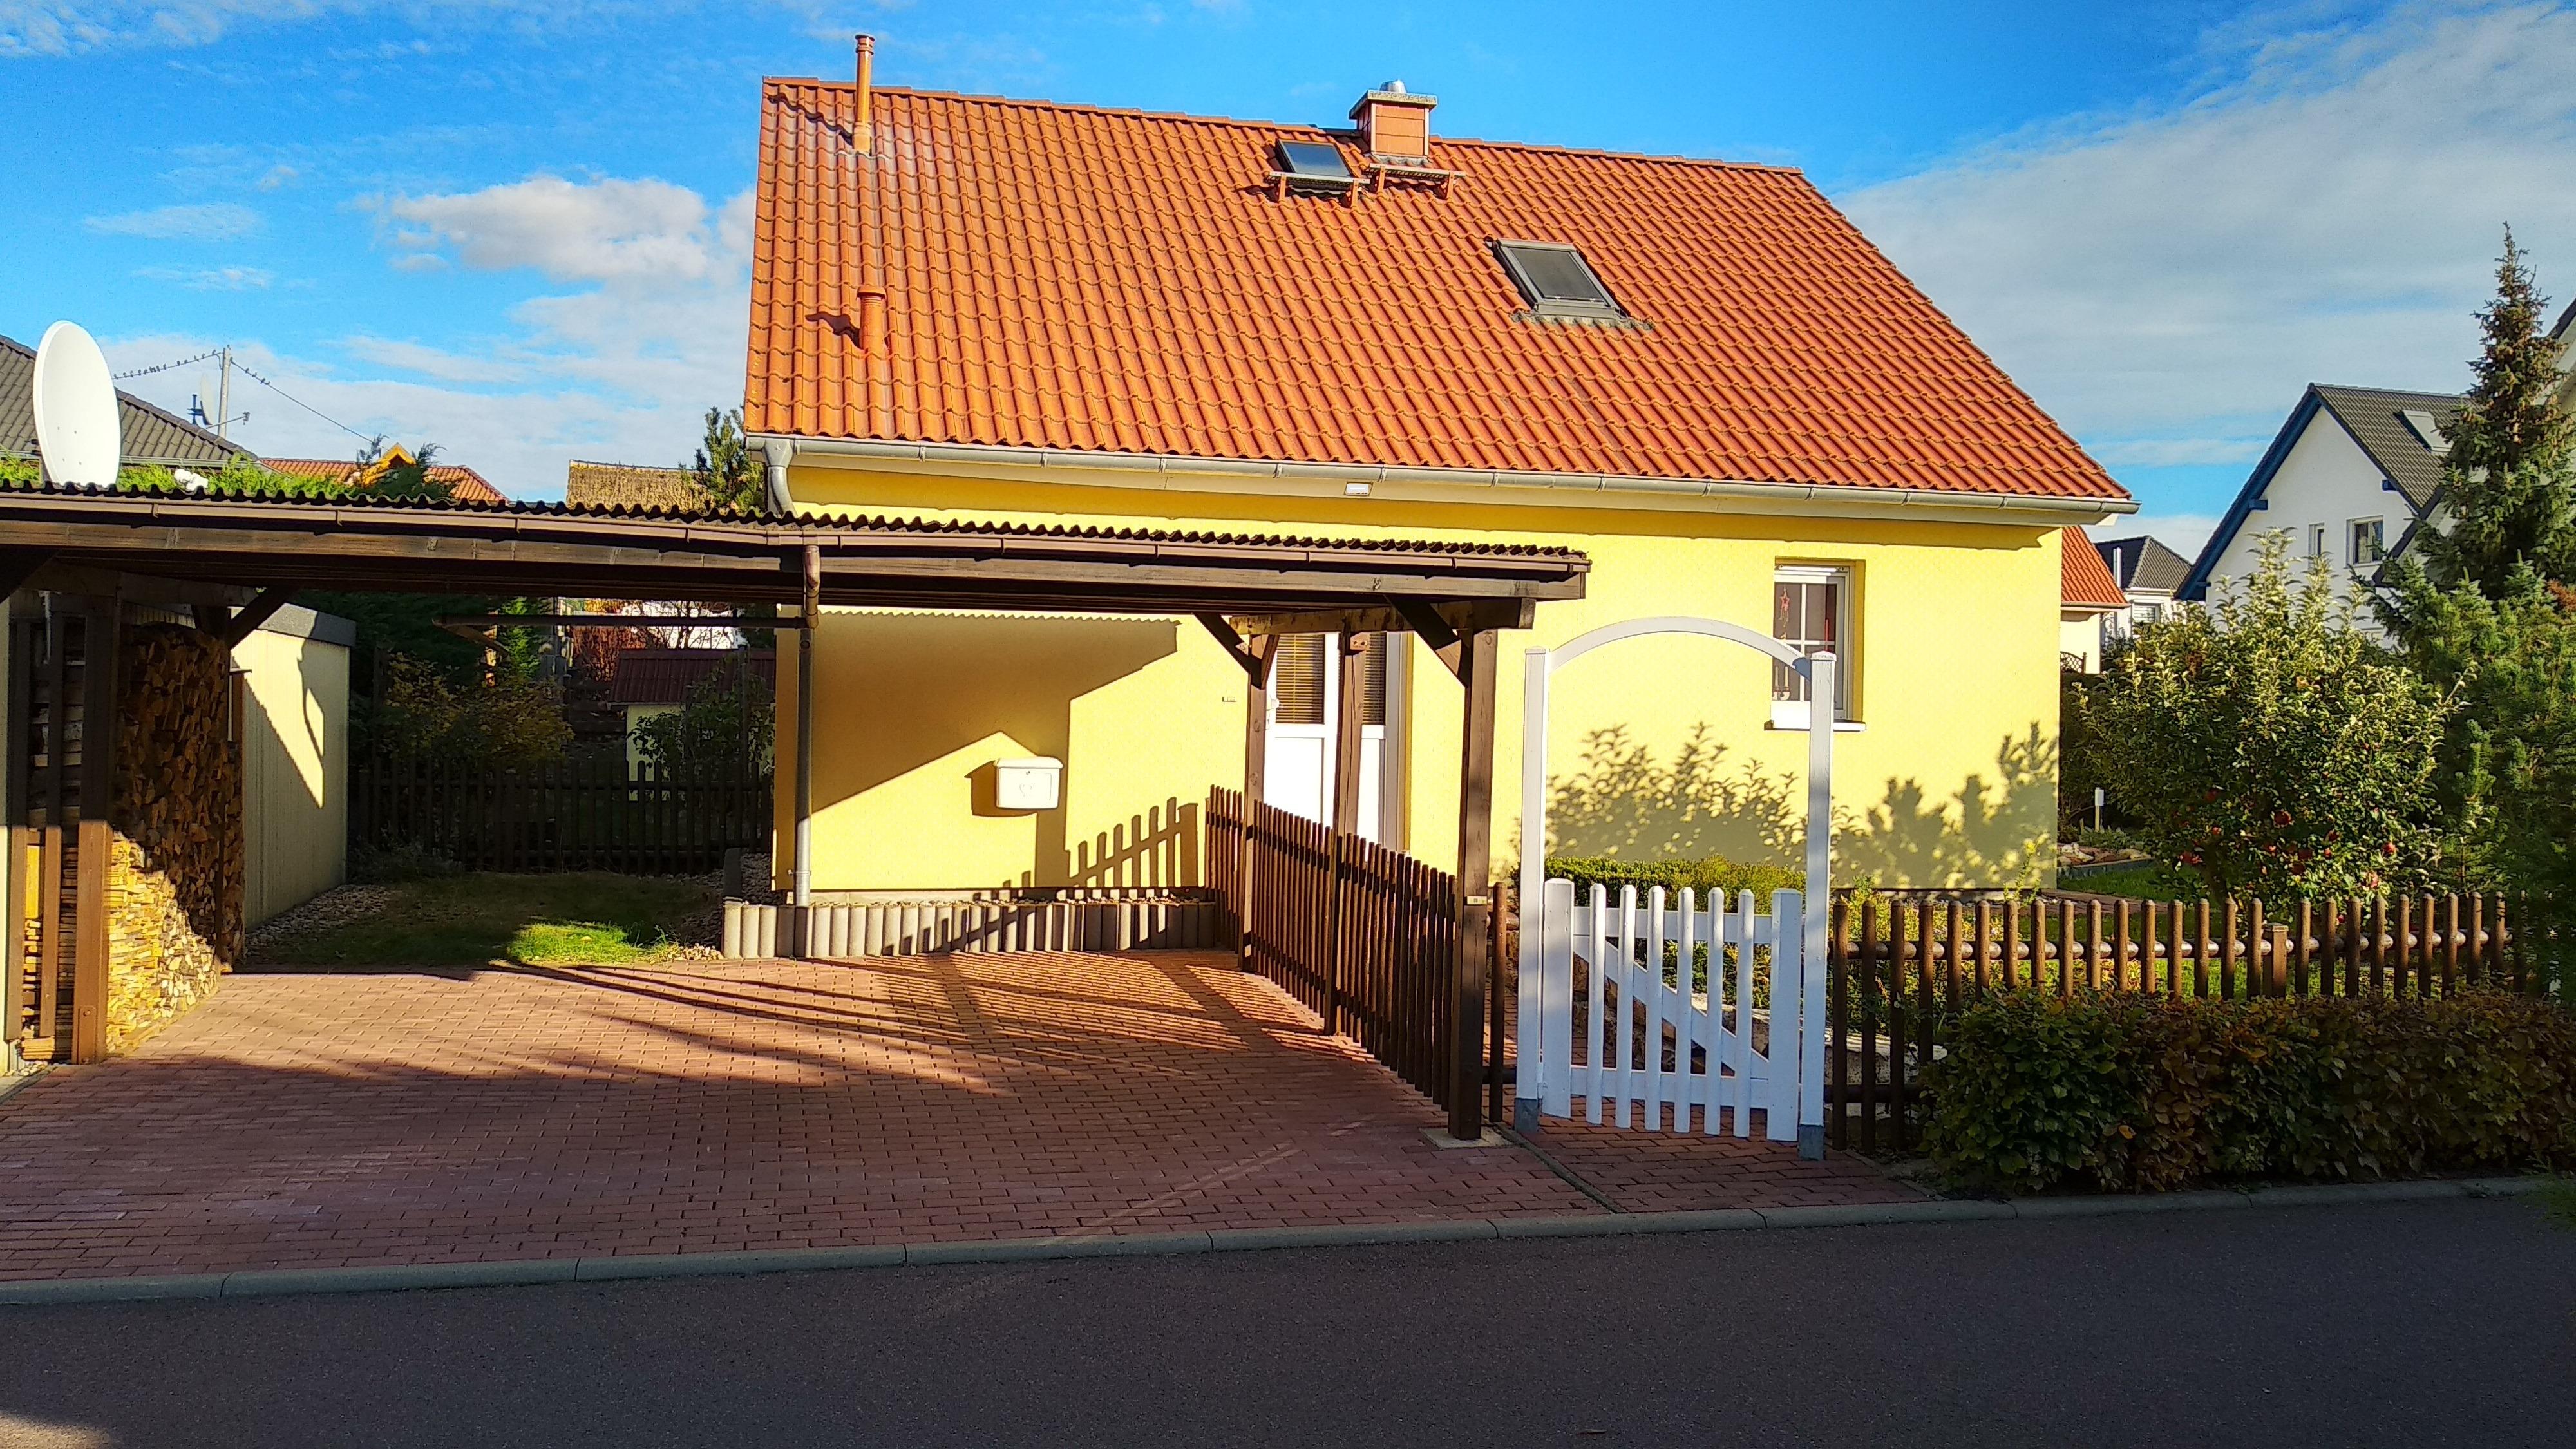 Einfamilienhaus in Sennewitz - Straßenansicht